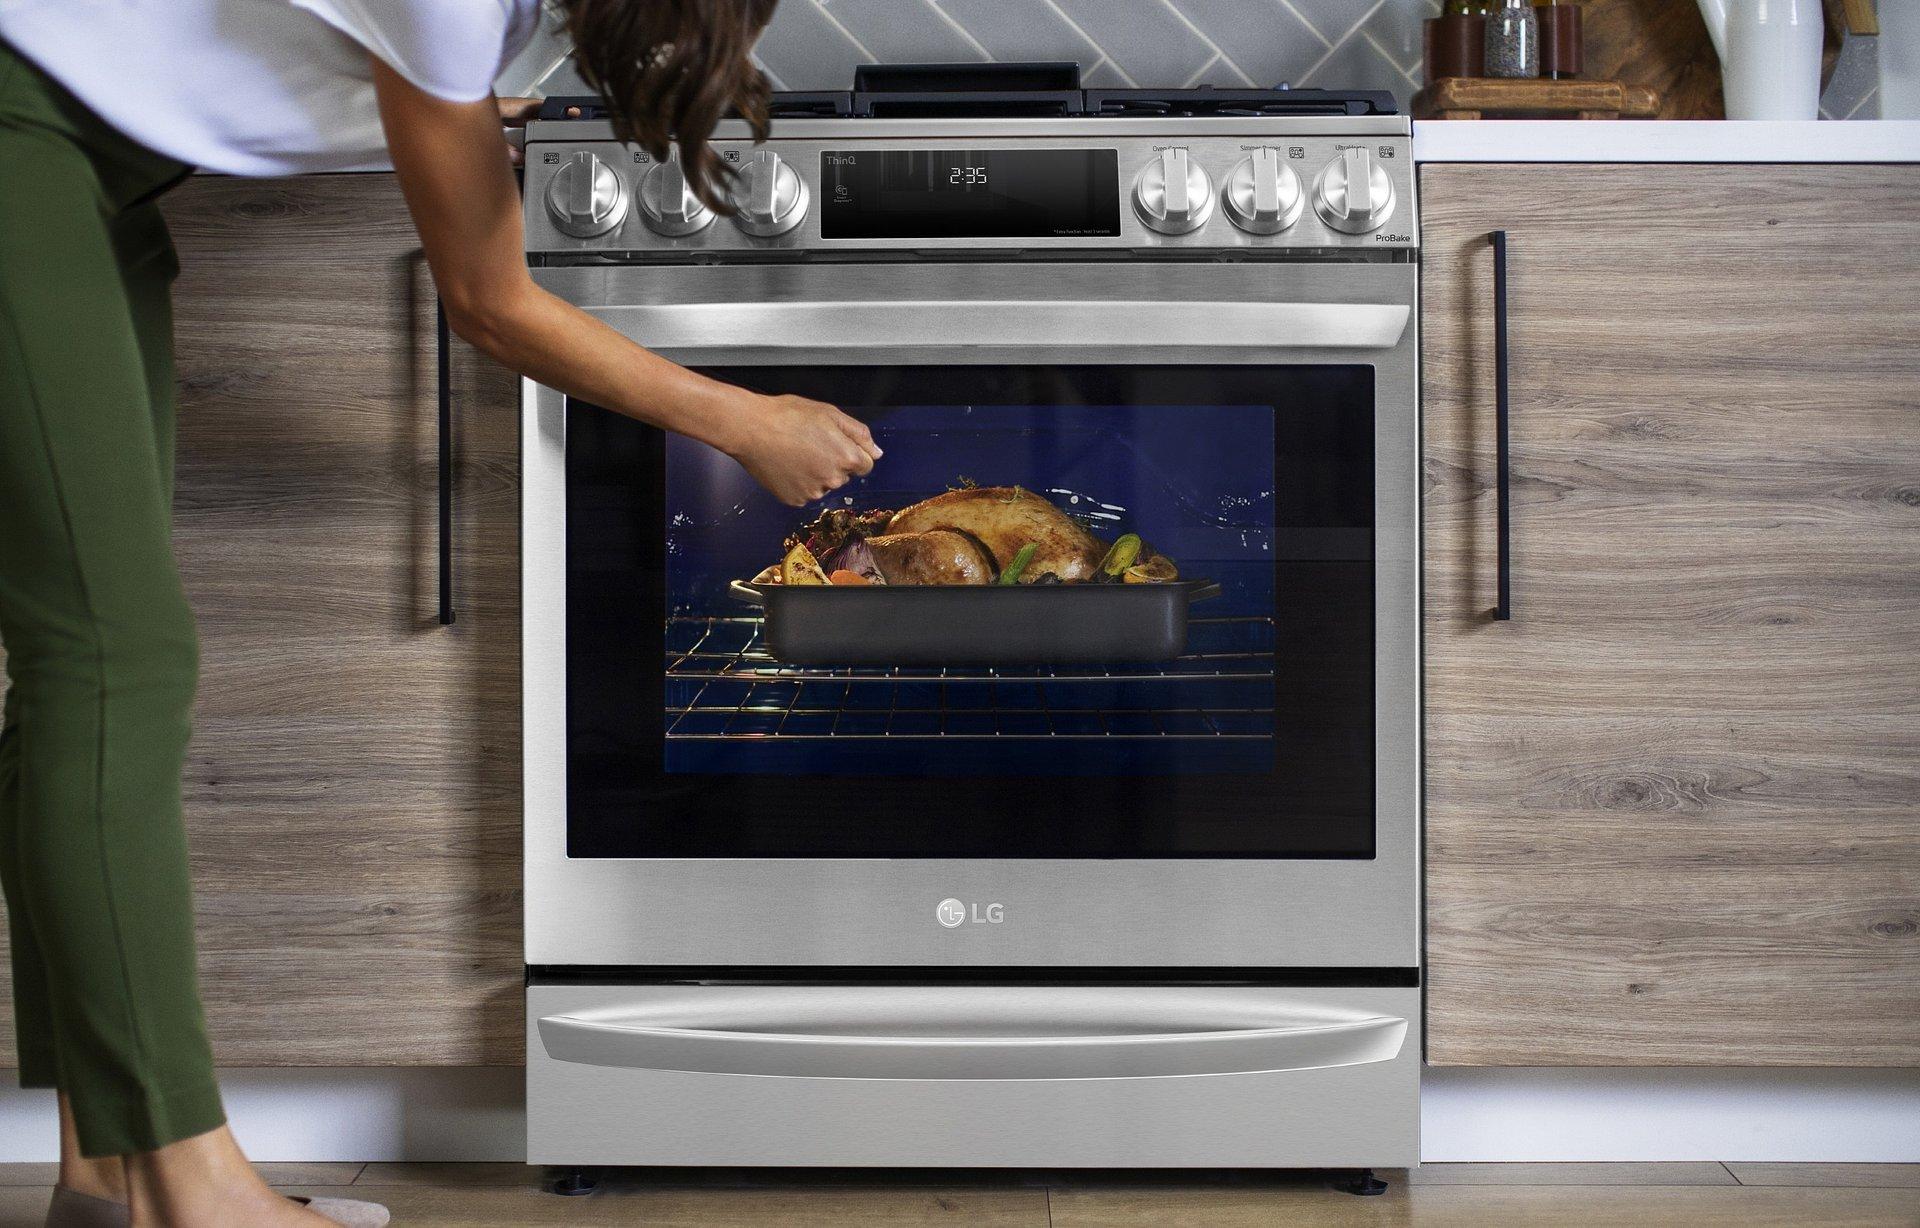 CES 2021: Piekarnik LG InstaView® z funkcją Air Sous Vide to urządzenie długo wyczekiwane przez miłośników gotowania